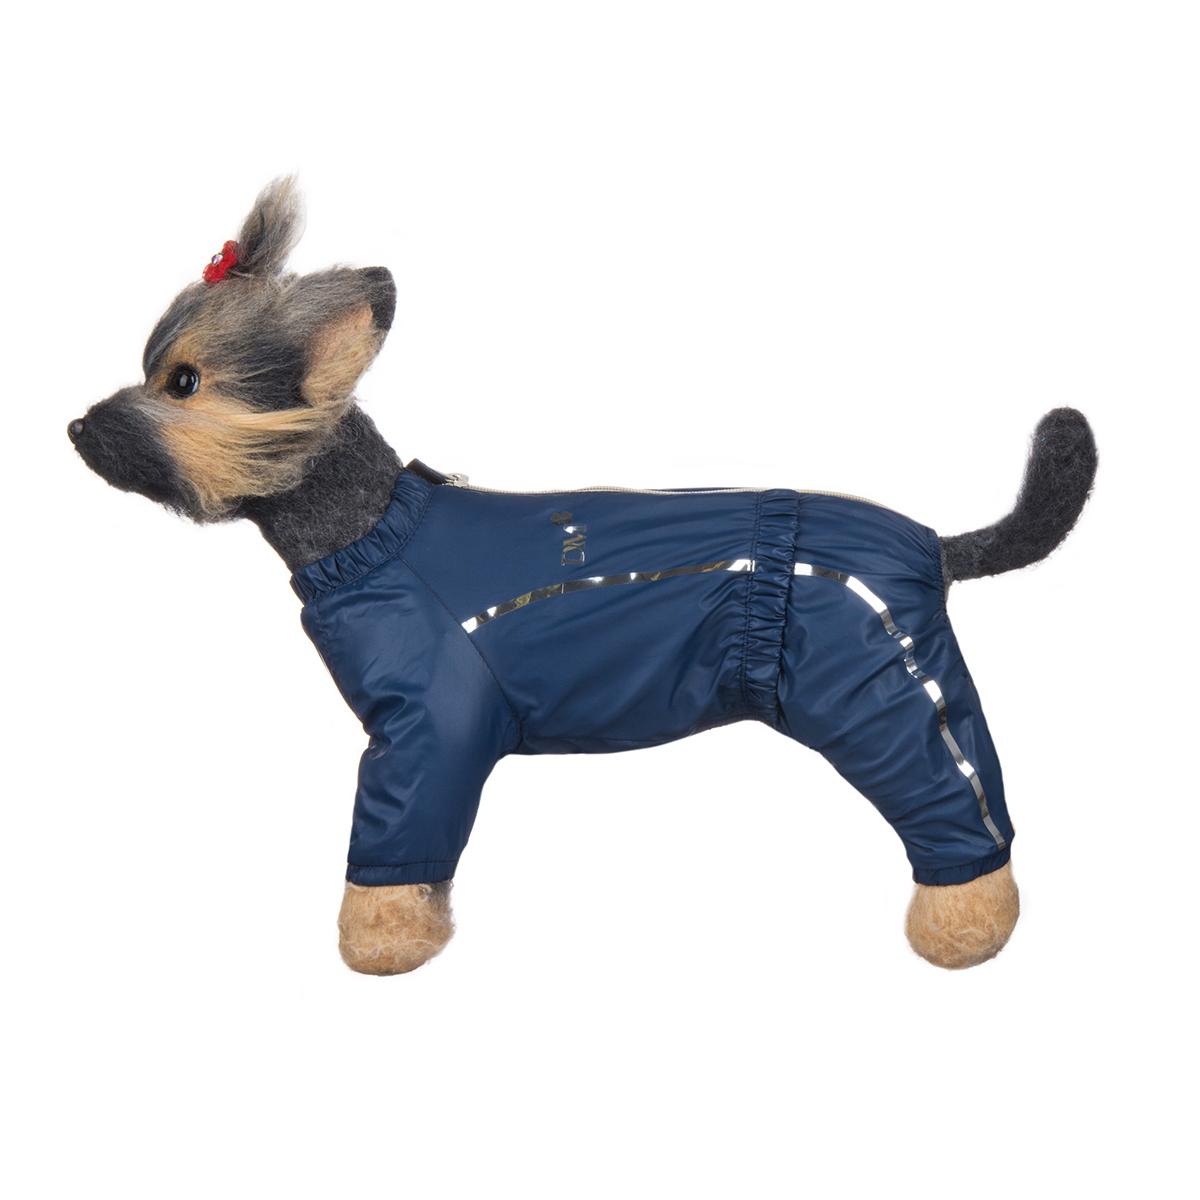 Комбинезон для собак Dogmoda Альпы, для мальчика, цвет: темно-синий. Размер 2 (M)DM-150328-2Комбинезон для собак Dogmoda Альпы отлично подойдет для прогулок поздней осенью или ранней весной.Комбинезон изготовлен из полиэстера, защищающего от ветра и осадков, с подкладкой из флиса, которая сохранит тепло и обеспечит отличный воздухообмен. Комбинезон застегивается на молнию и липучку, благодаря чему его легко надевать и снимать. Ворот, низ рукавов и брючин оснащены внутренними резинками, которые мягко обхватывают шею и лапки, не позволяя просачиваться холодному воздуху. На пояснице имеется внутренняя резинка. Изделие декорировано серебристыми полосками и надписью DM.Благодаря такому комбинезону простуда не грозит вашему питомцу и он не даст любимцу продрогнуть на прогулке.